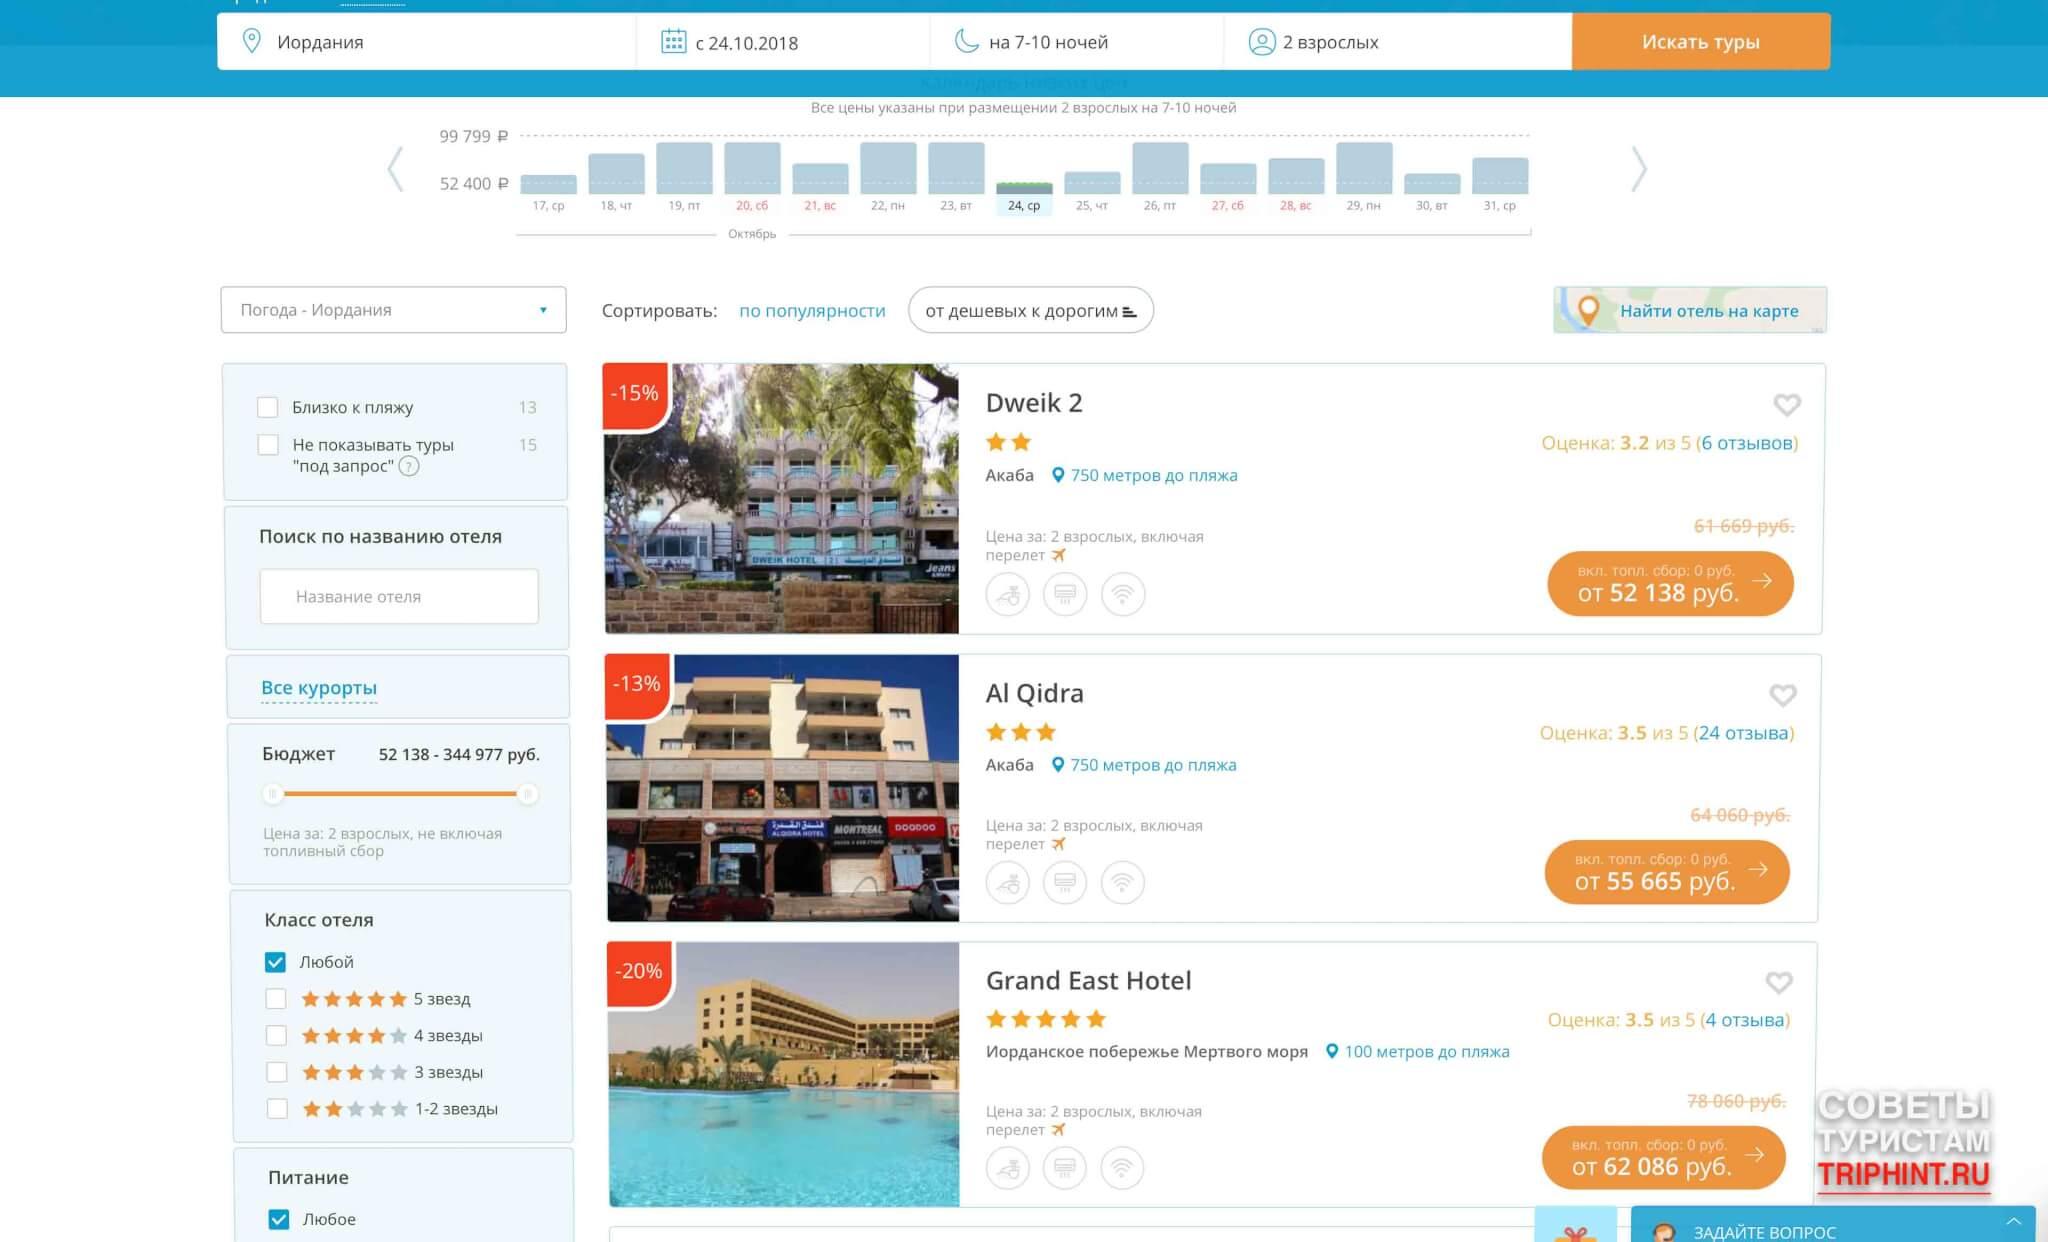 Иордания в октябре, цены на горящие туры. Отели Dweik 2, Al Qidra в Акабе. Grand East Hotel на Мертвом море